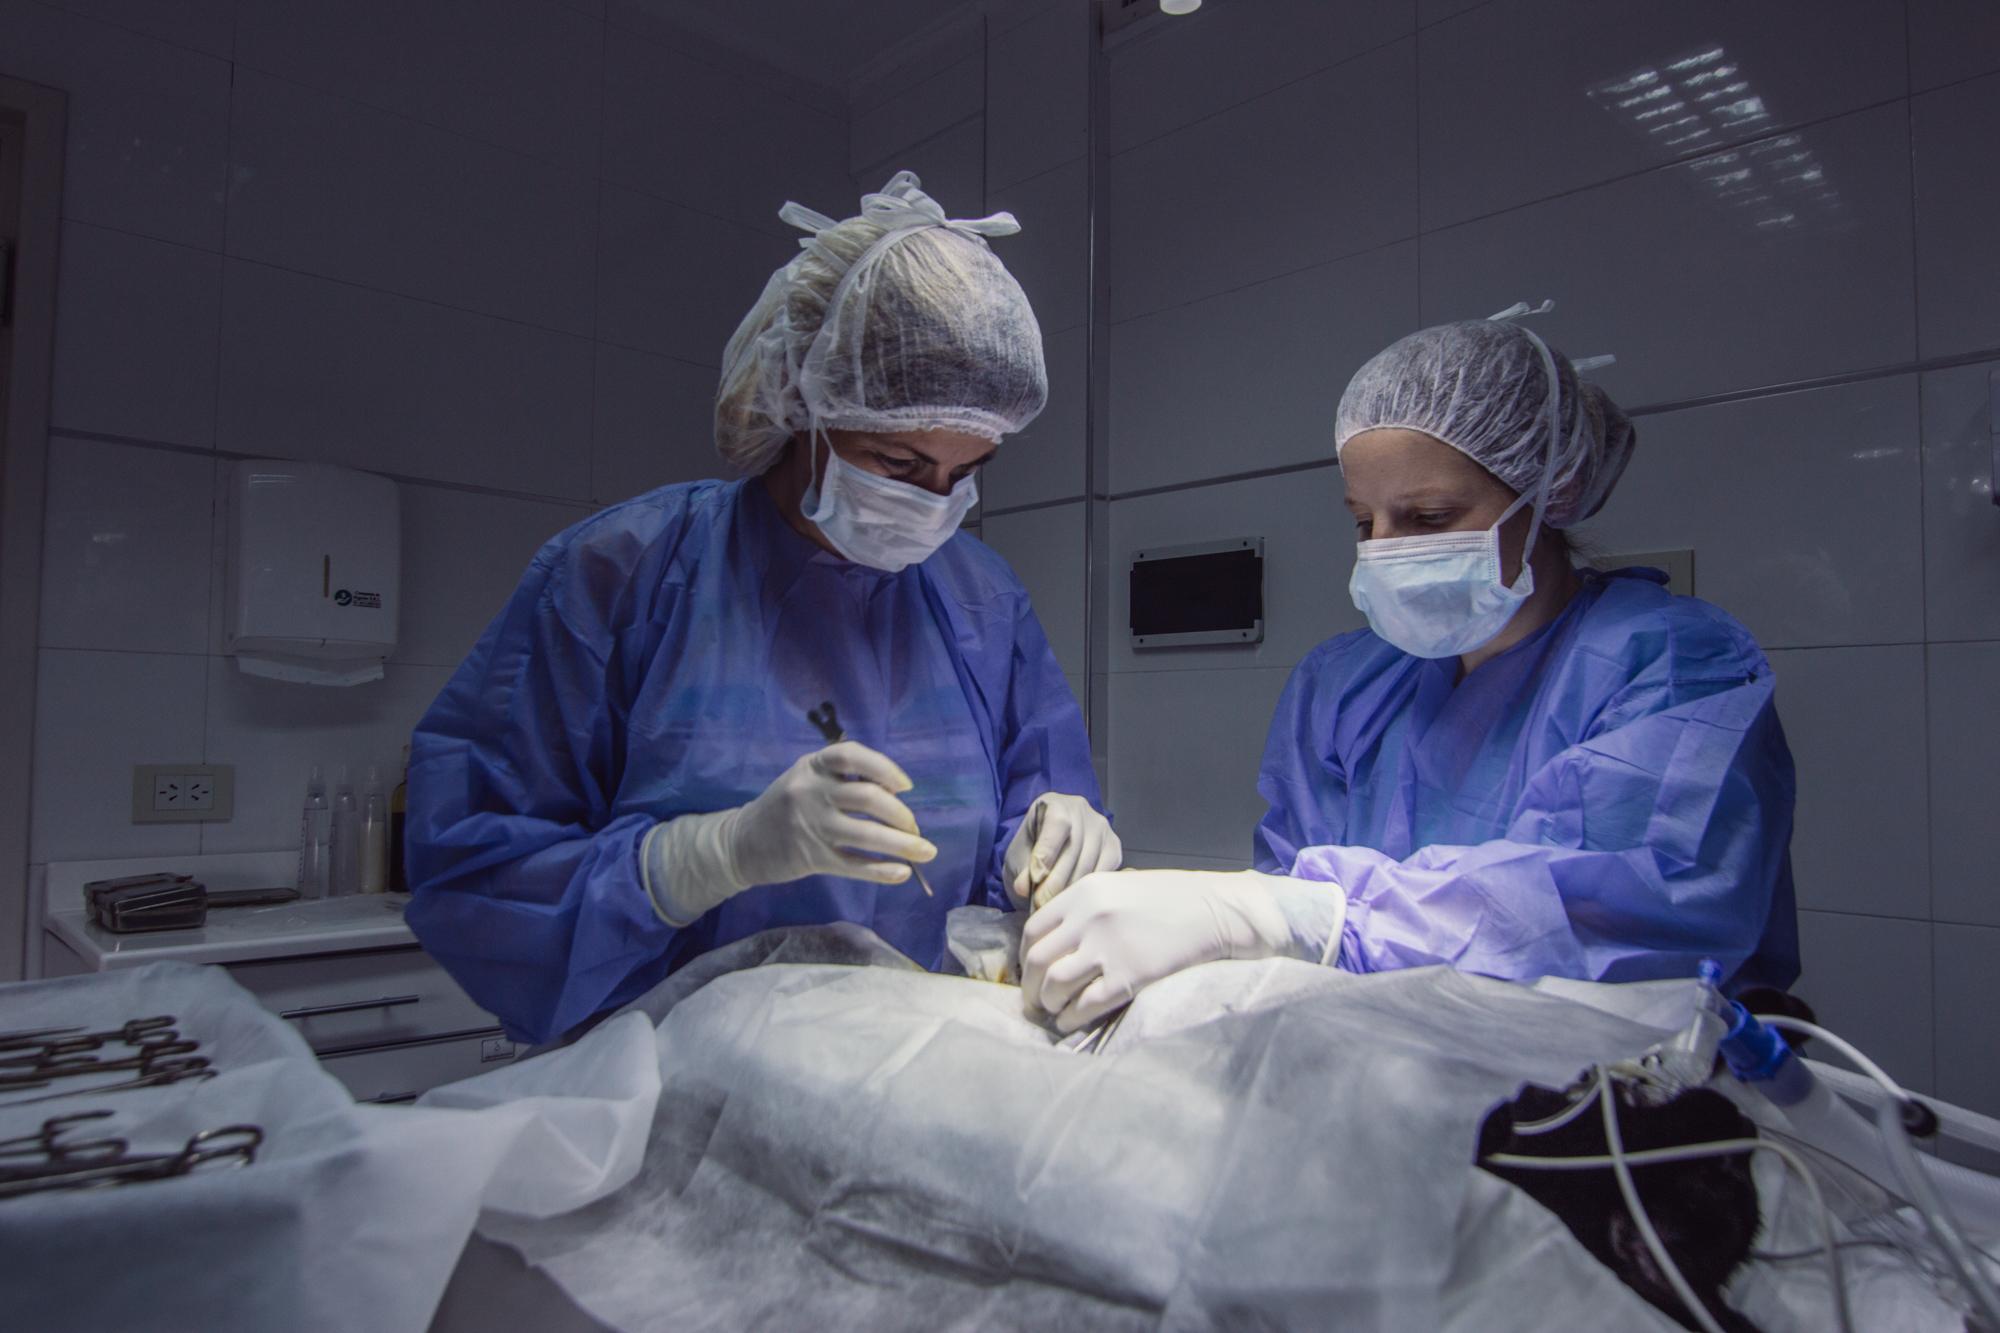 Del Interior Hospital Veterinario -4925.